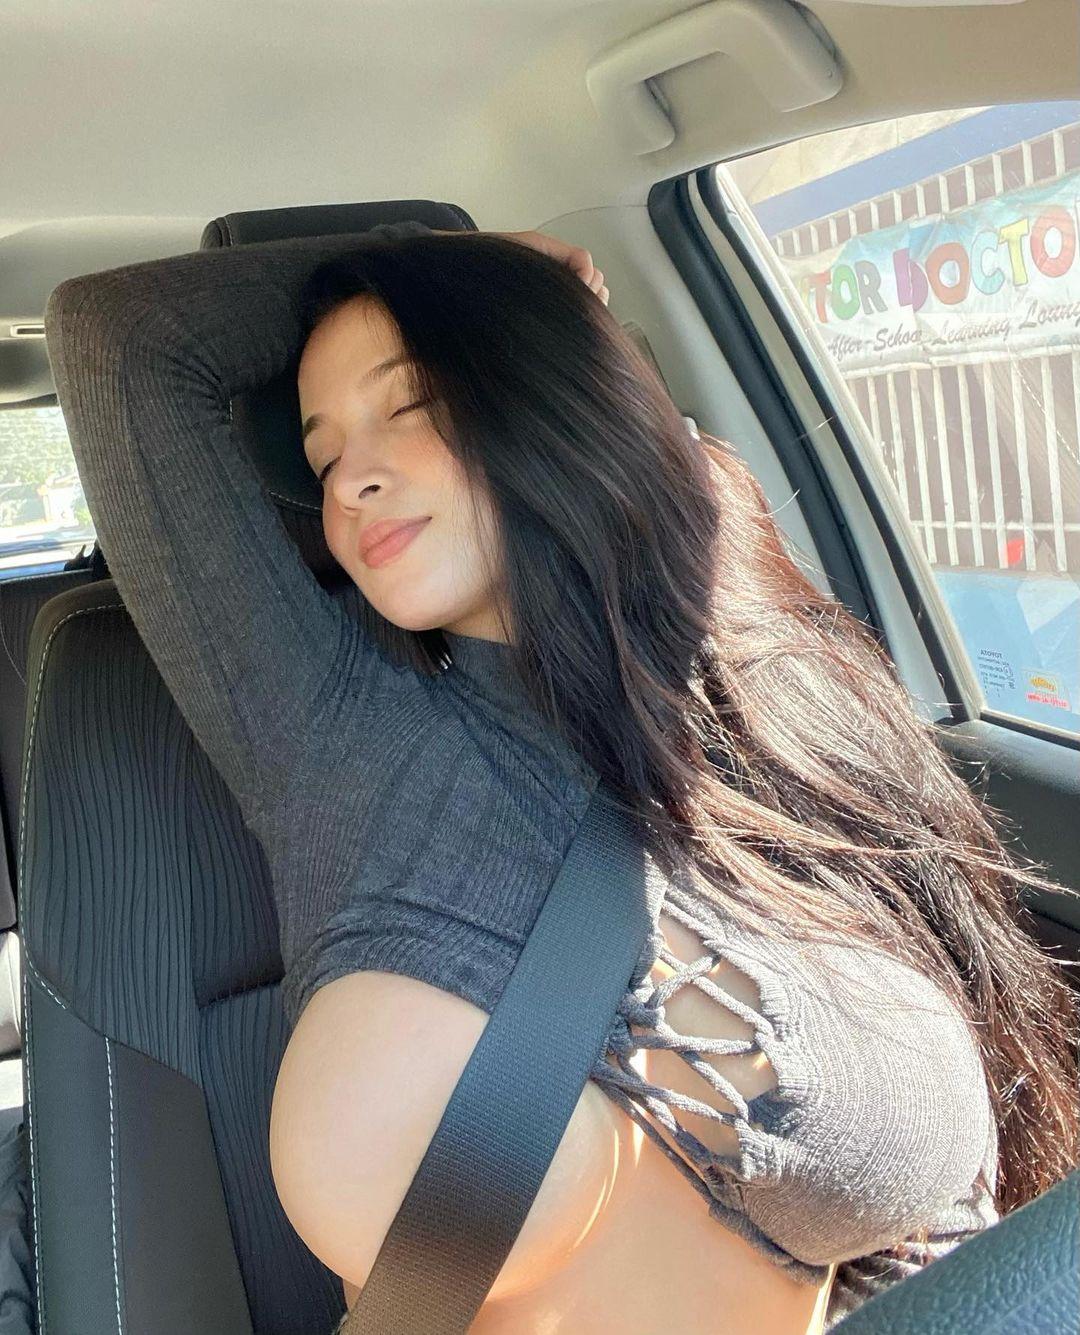 パンドラ・カーキ「フィリピン美乳の最高峰!」ノーブラをシートベルトでなんとか…?【画像2枚】の画像002